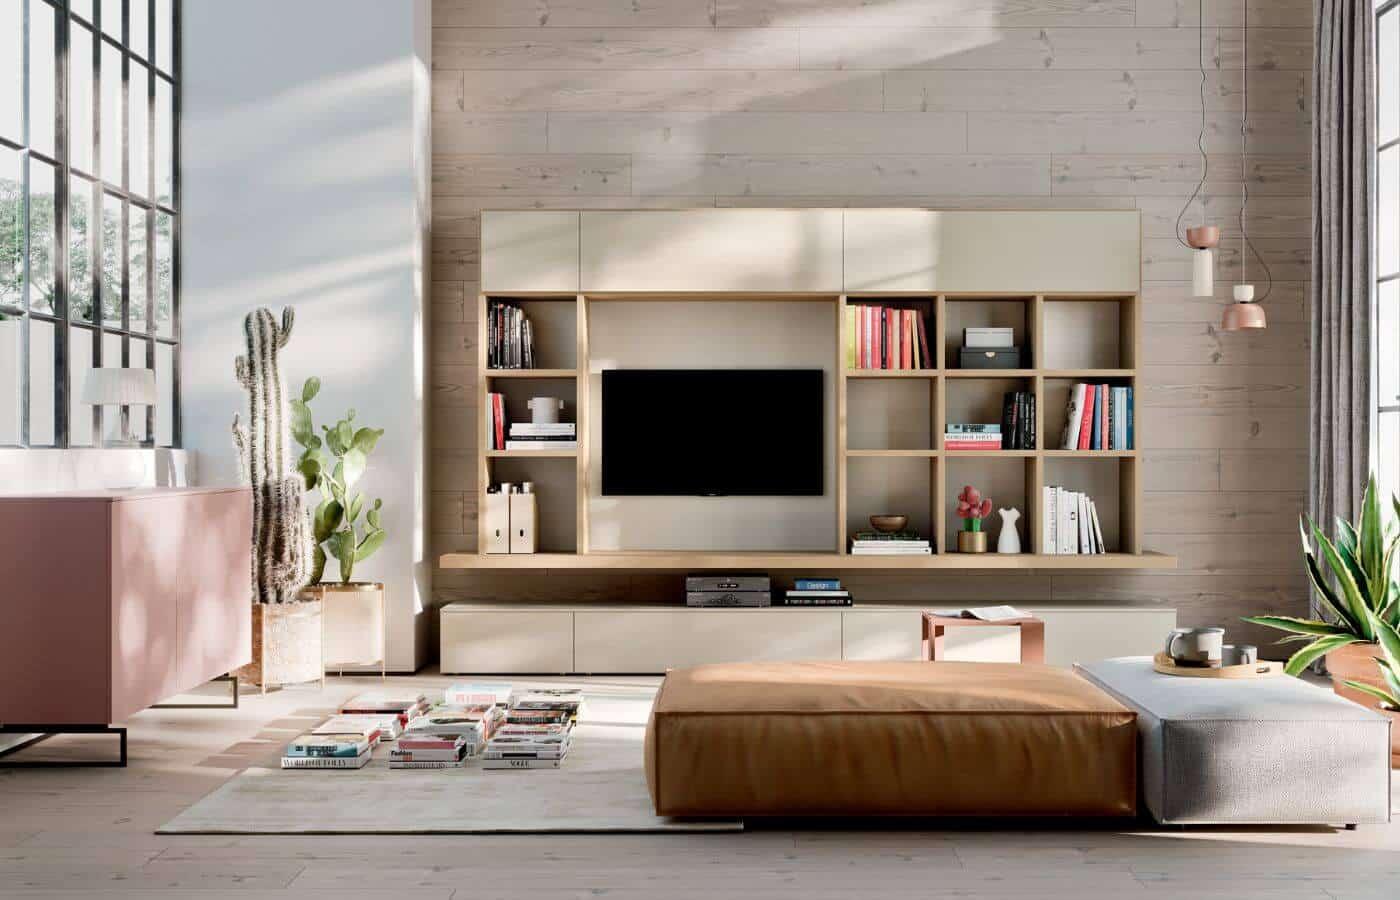 zona-giorno-librerie-collezione-ulisse-il-mobile (2)